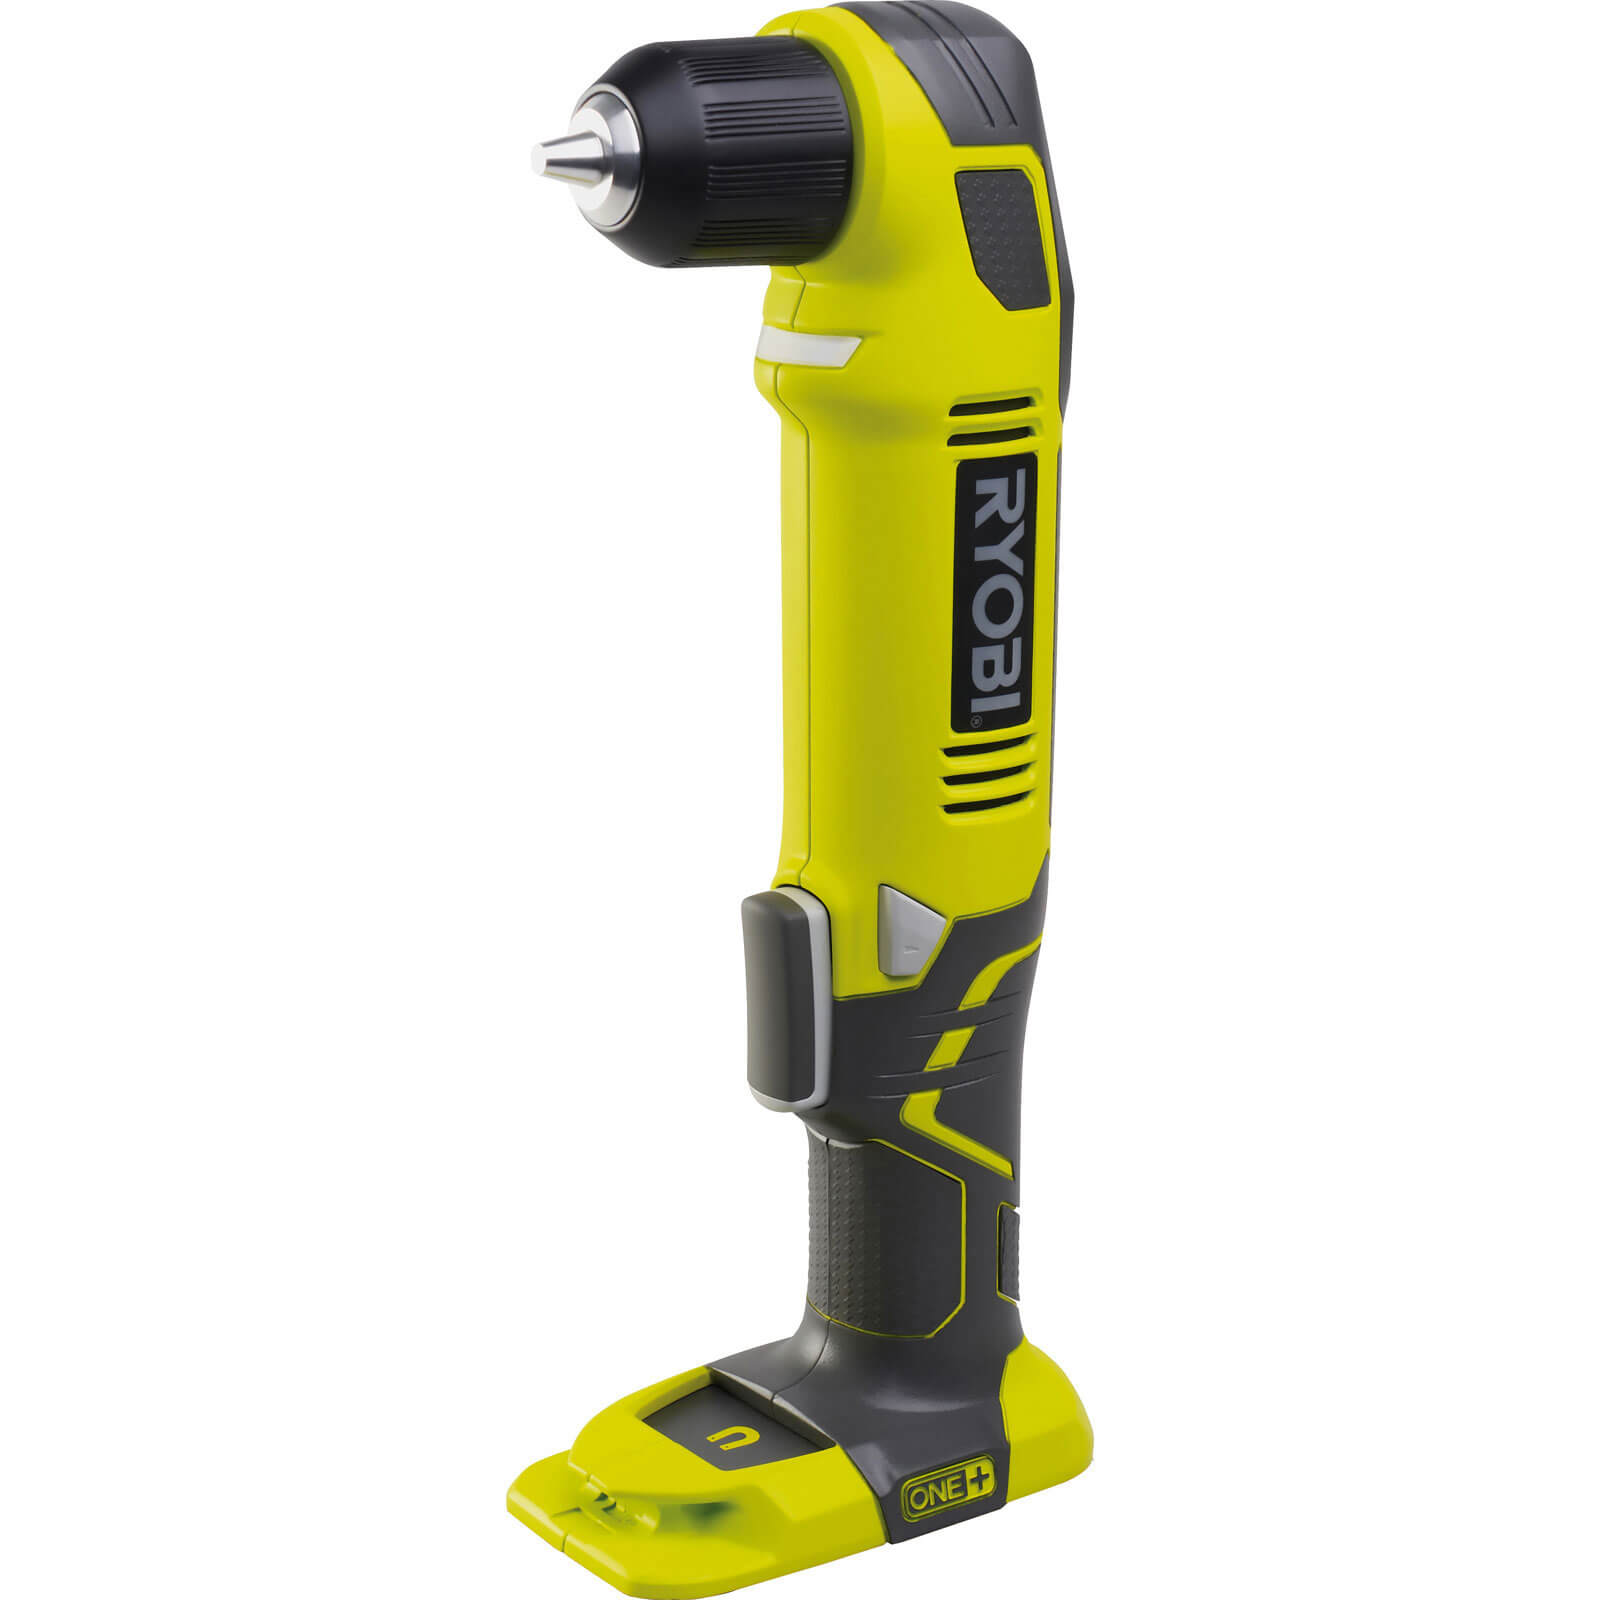 Ryobi RAD1801M 18v Cordless Angle Drill No Batteries No Charger No Case